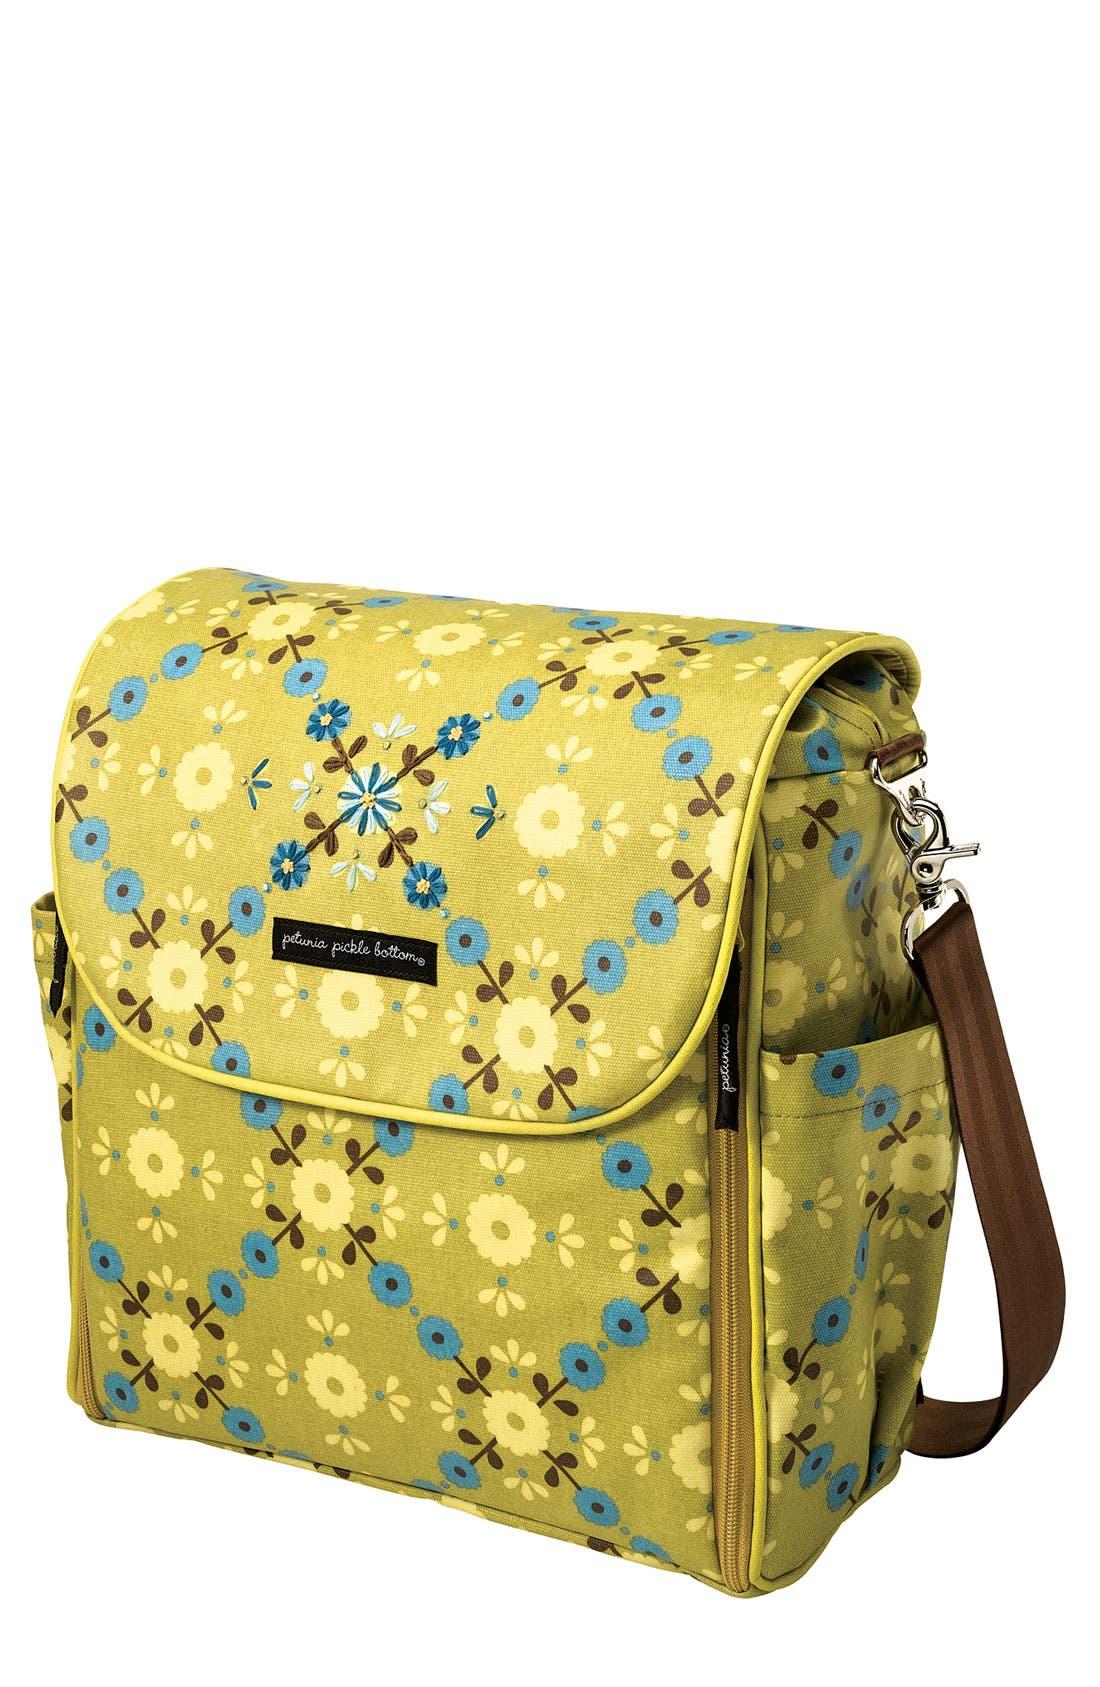 Main Image - Petunia Pickle Bottom 'Brocade' Diaper Bag